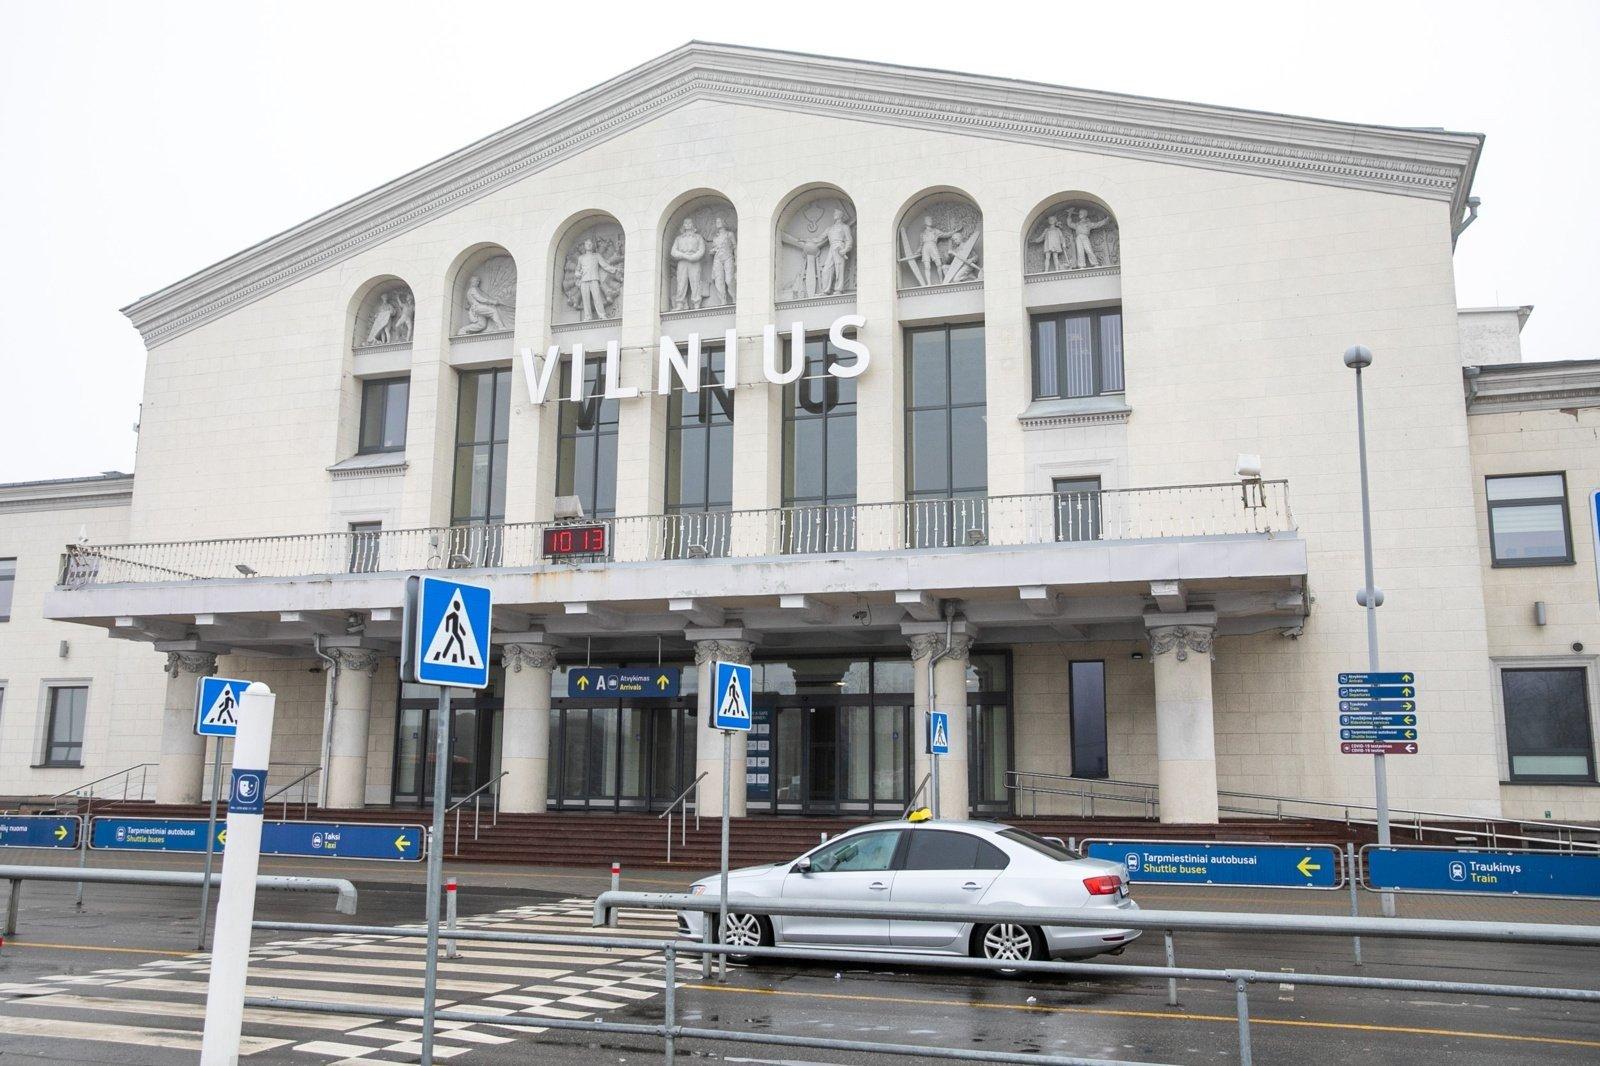 Naujasis Vilniaus oro uosto išvykimo terminalas turėtų būti įrengtas iki 2024 metų